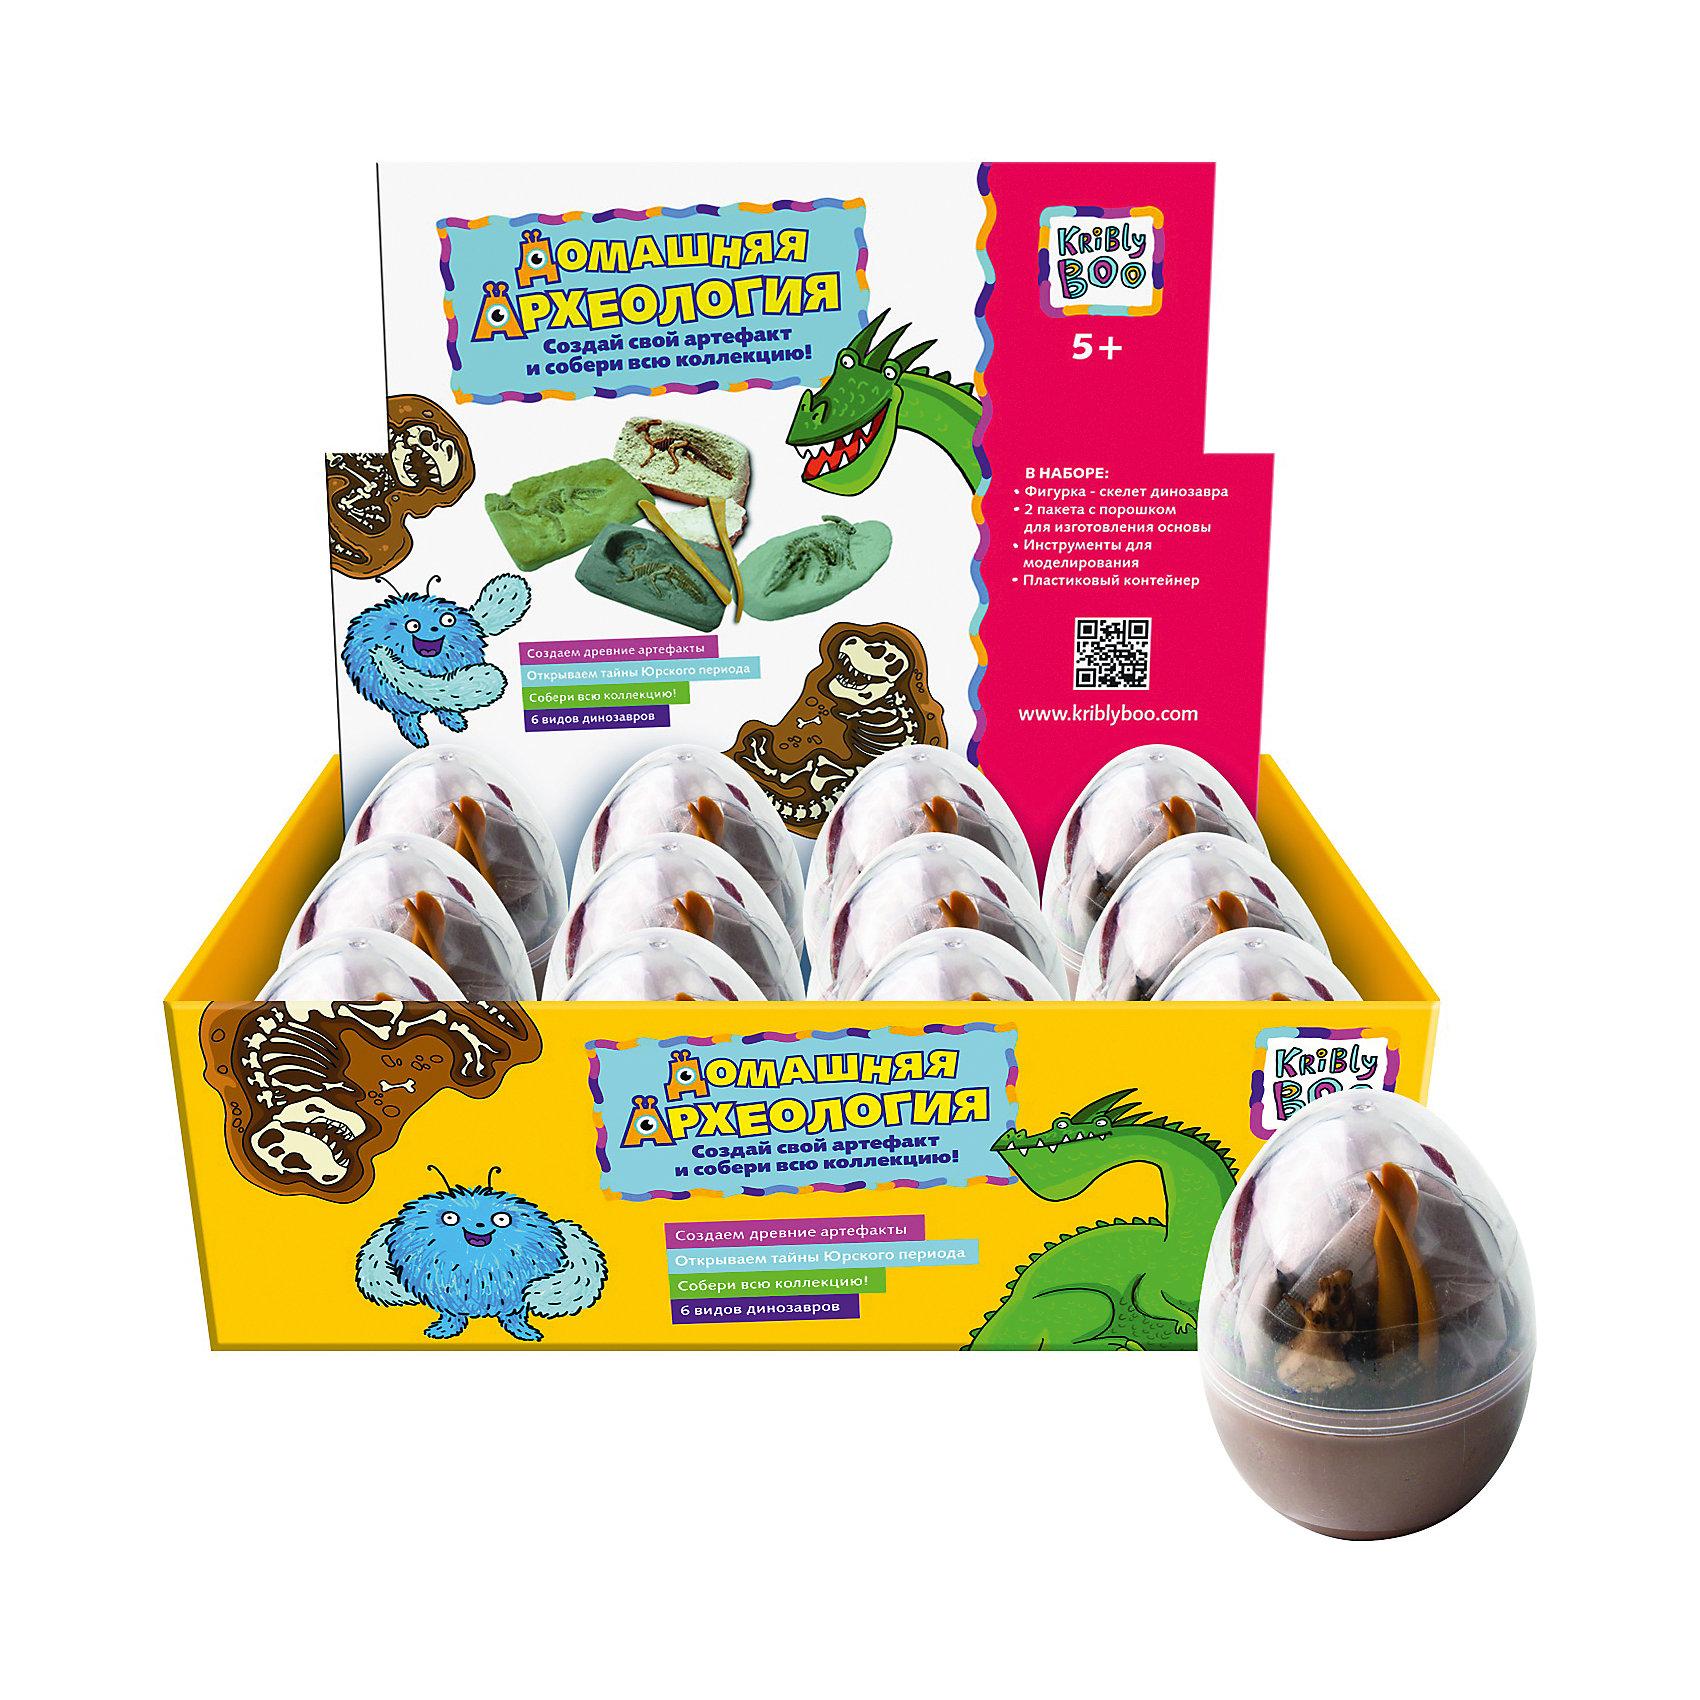 Kribly Boo Набор для создания раскопок Динозавр в яйце, в ассортименте детский набор для моделирования stirling engine stirling gz001